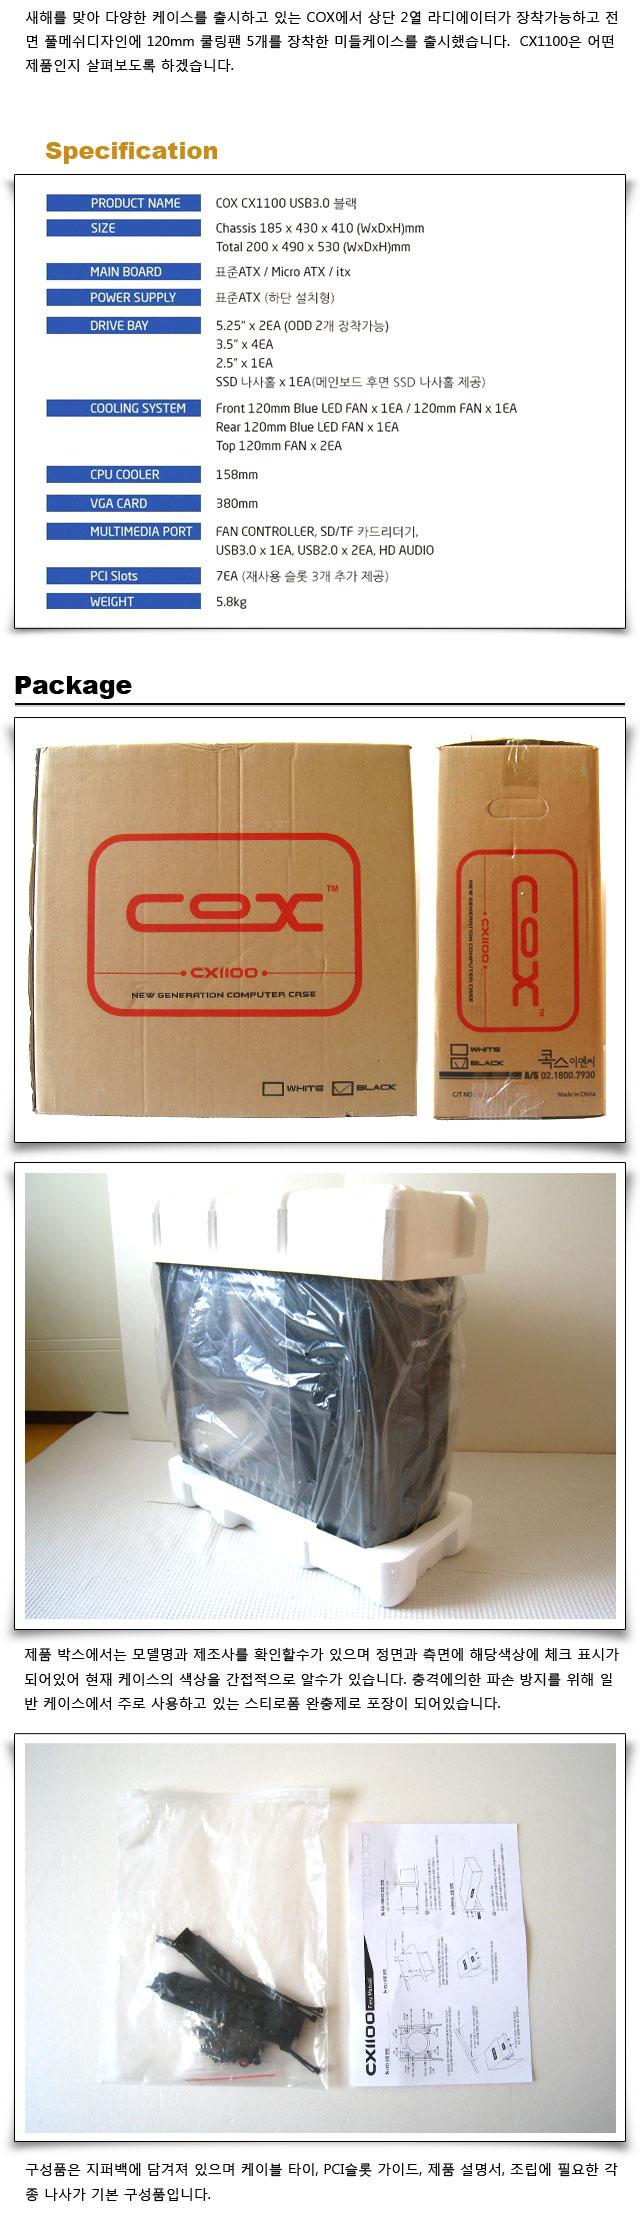 cx_02.jpg